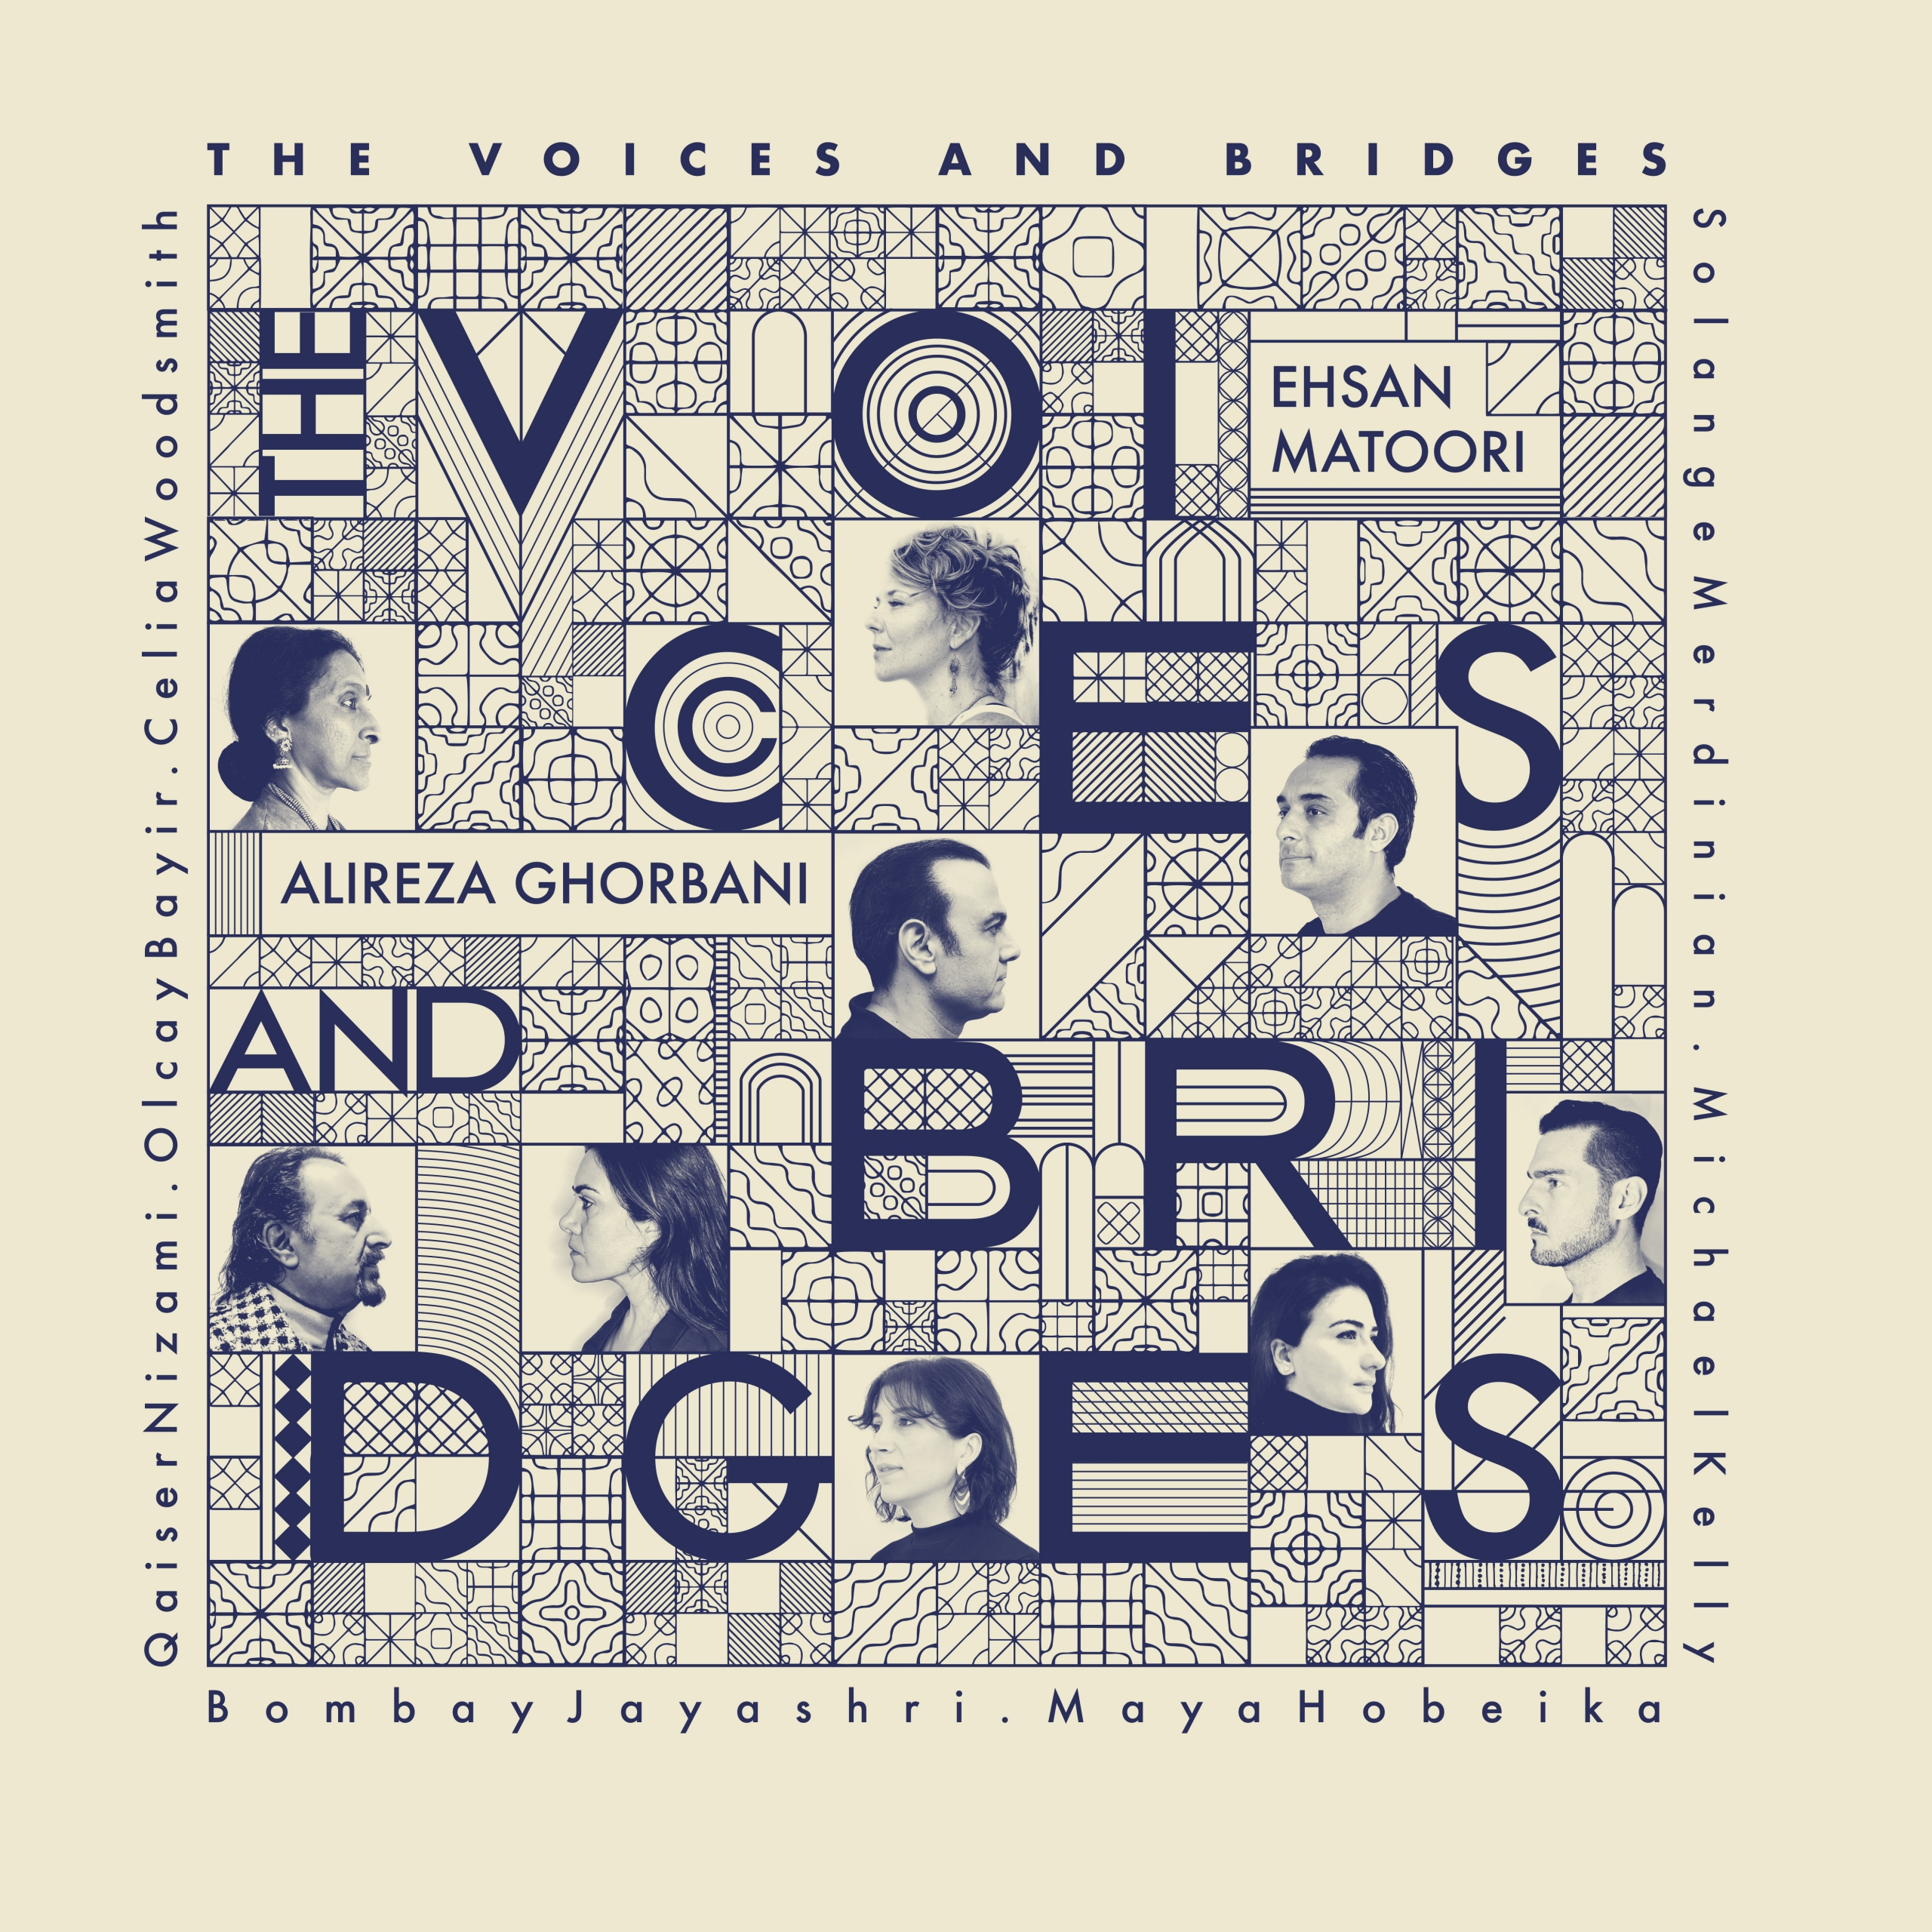 The Voices and Bridges